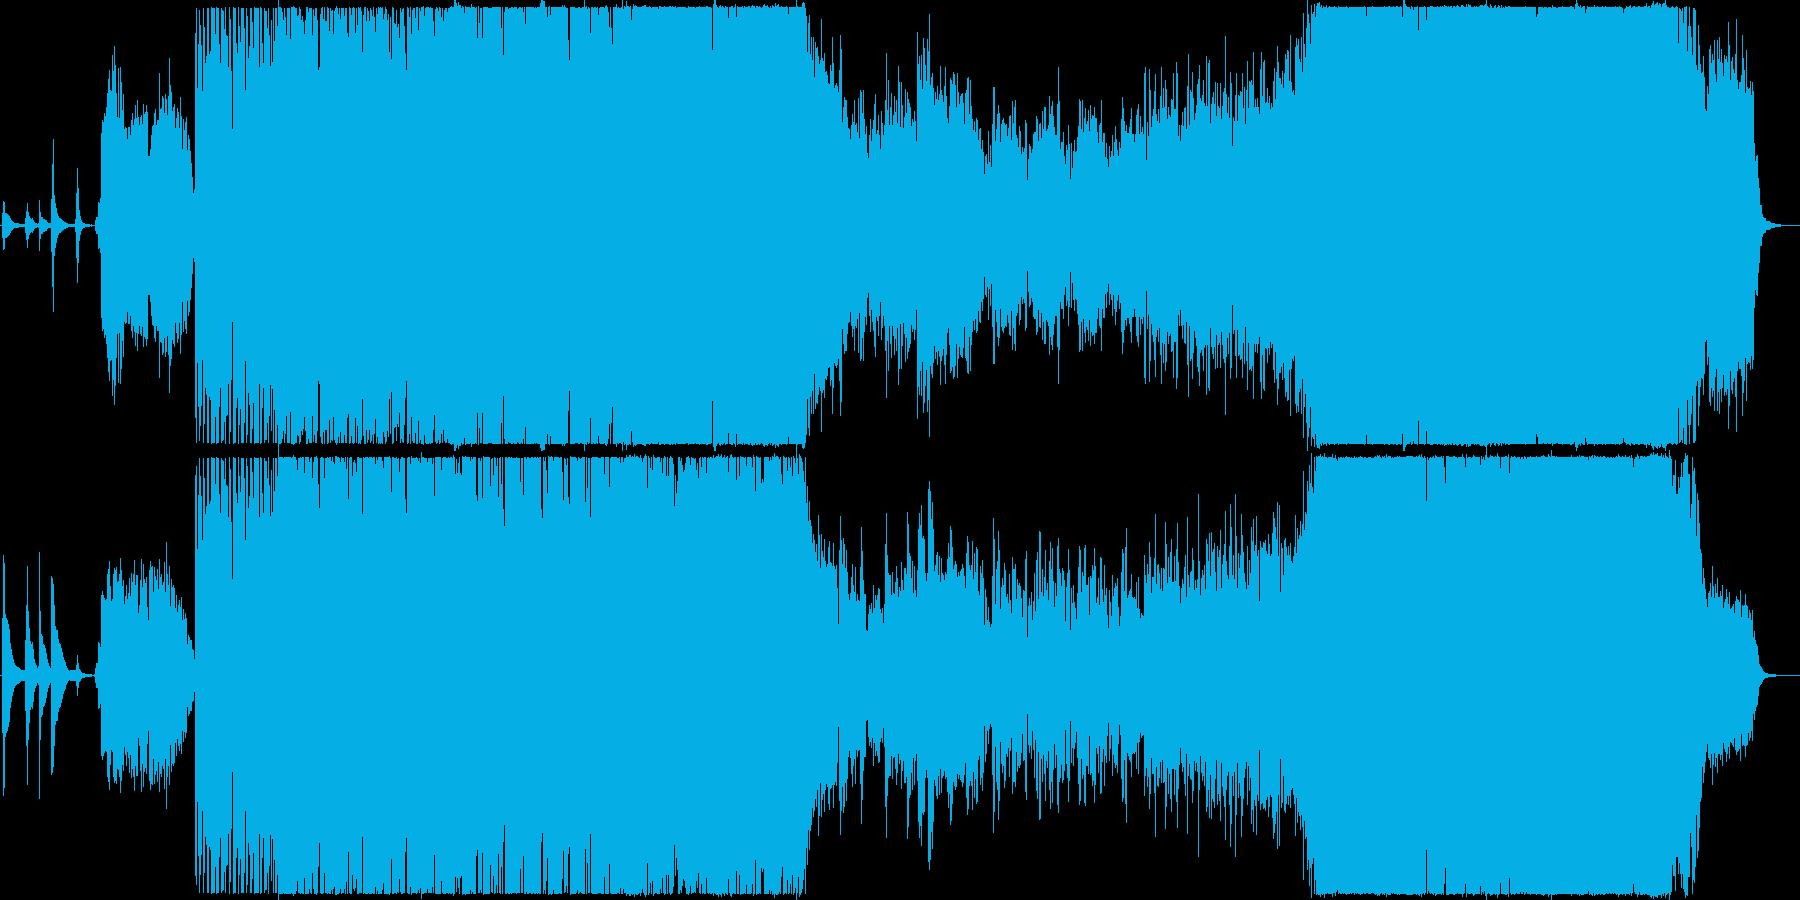 幻想的で最高に盛り上がる和風BGMの再生済みの波形